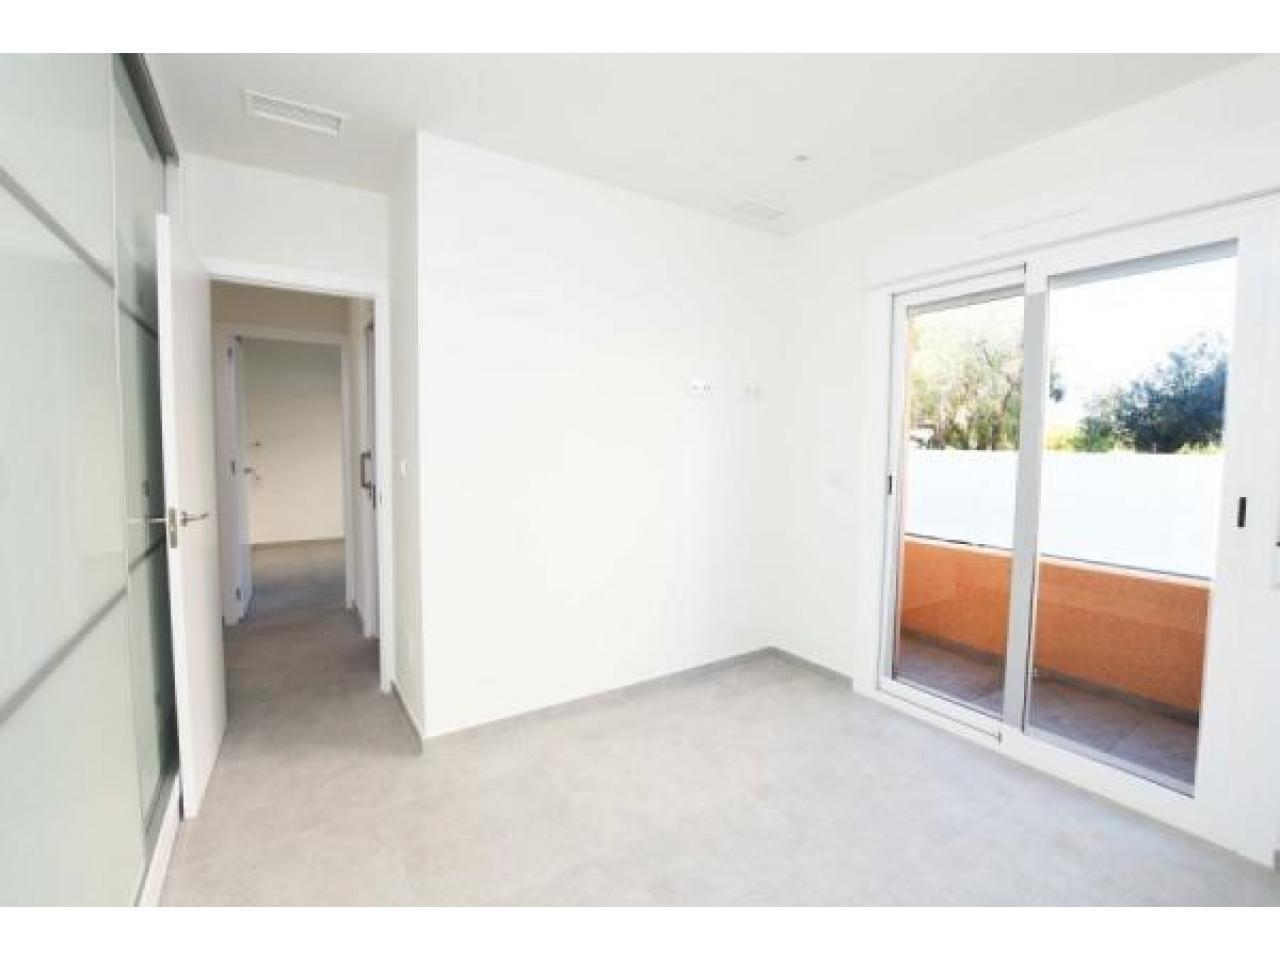 Недвижимость в Испании, Новые квартиры рядом с пляжем от застройщика в Ла Мата,Торревьеха - 2